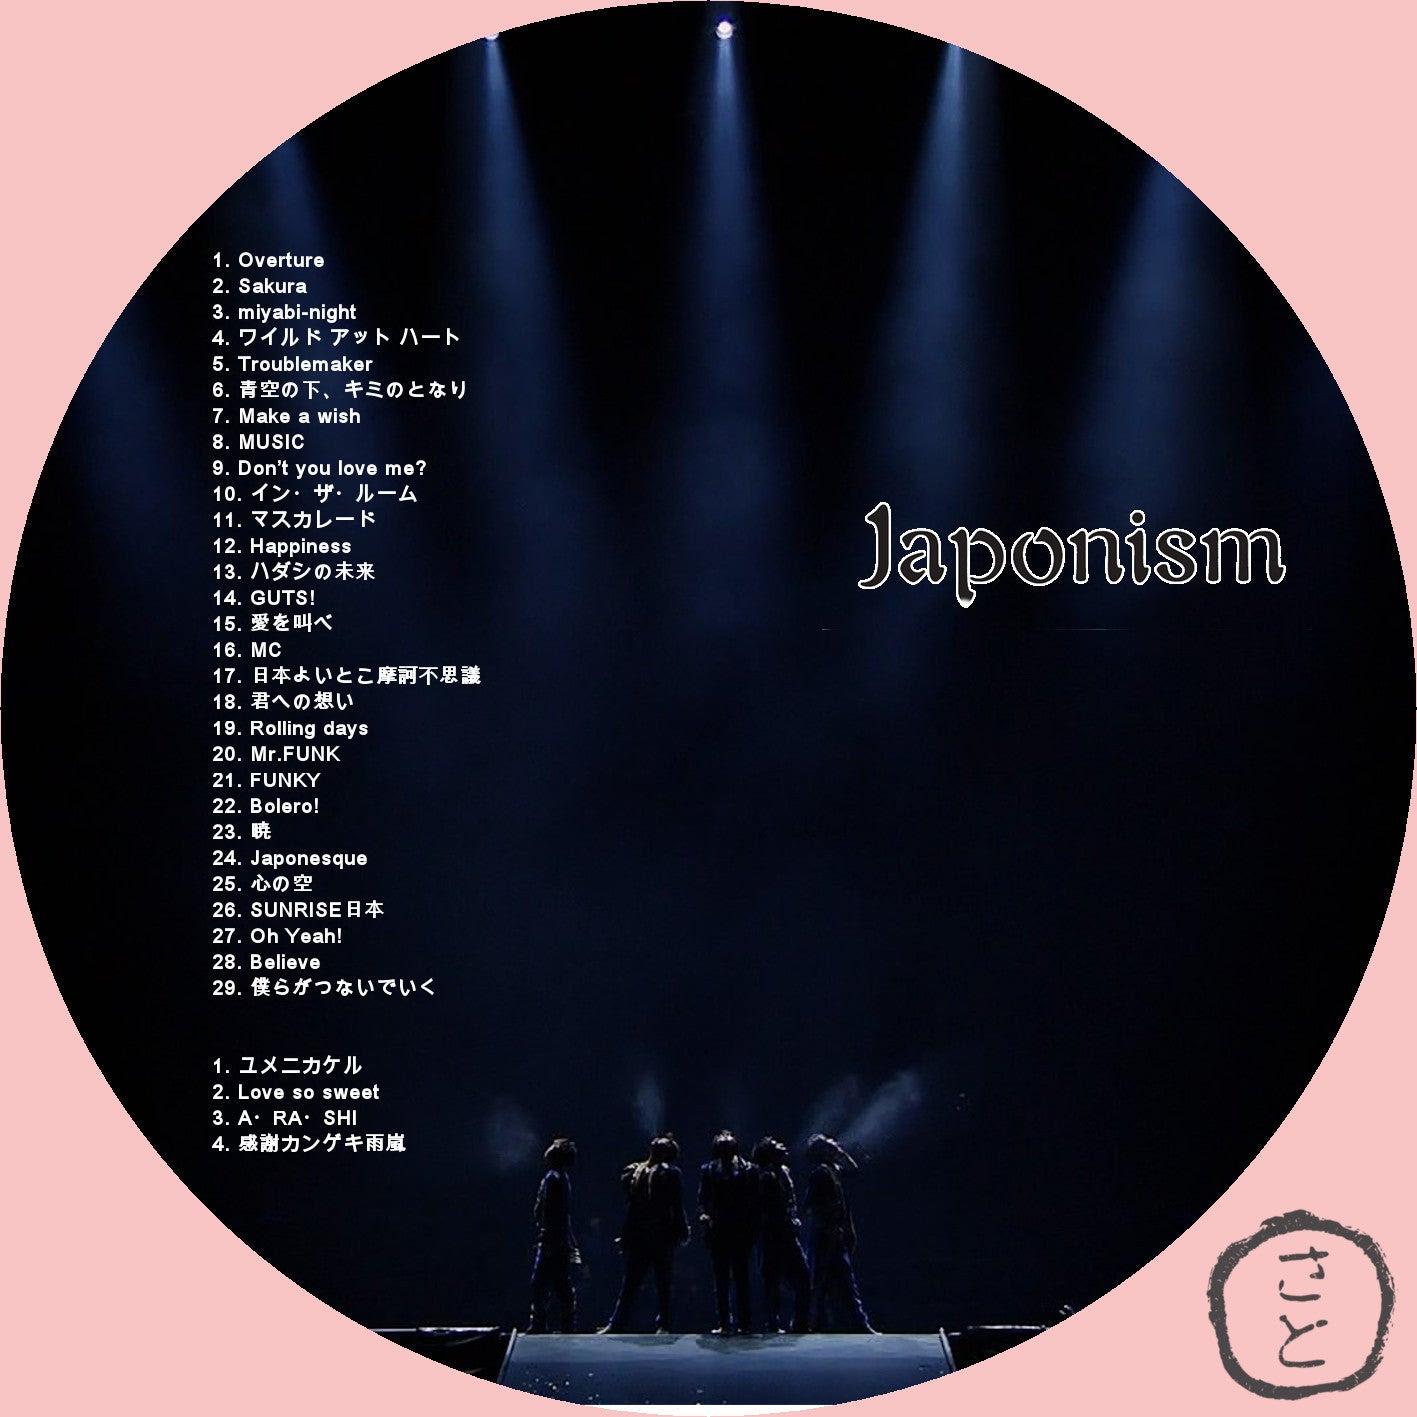 Luxury 嵐 Japonism Dvd ラベル